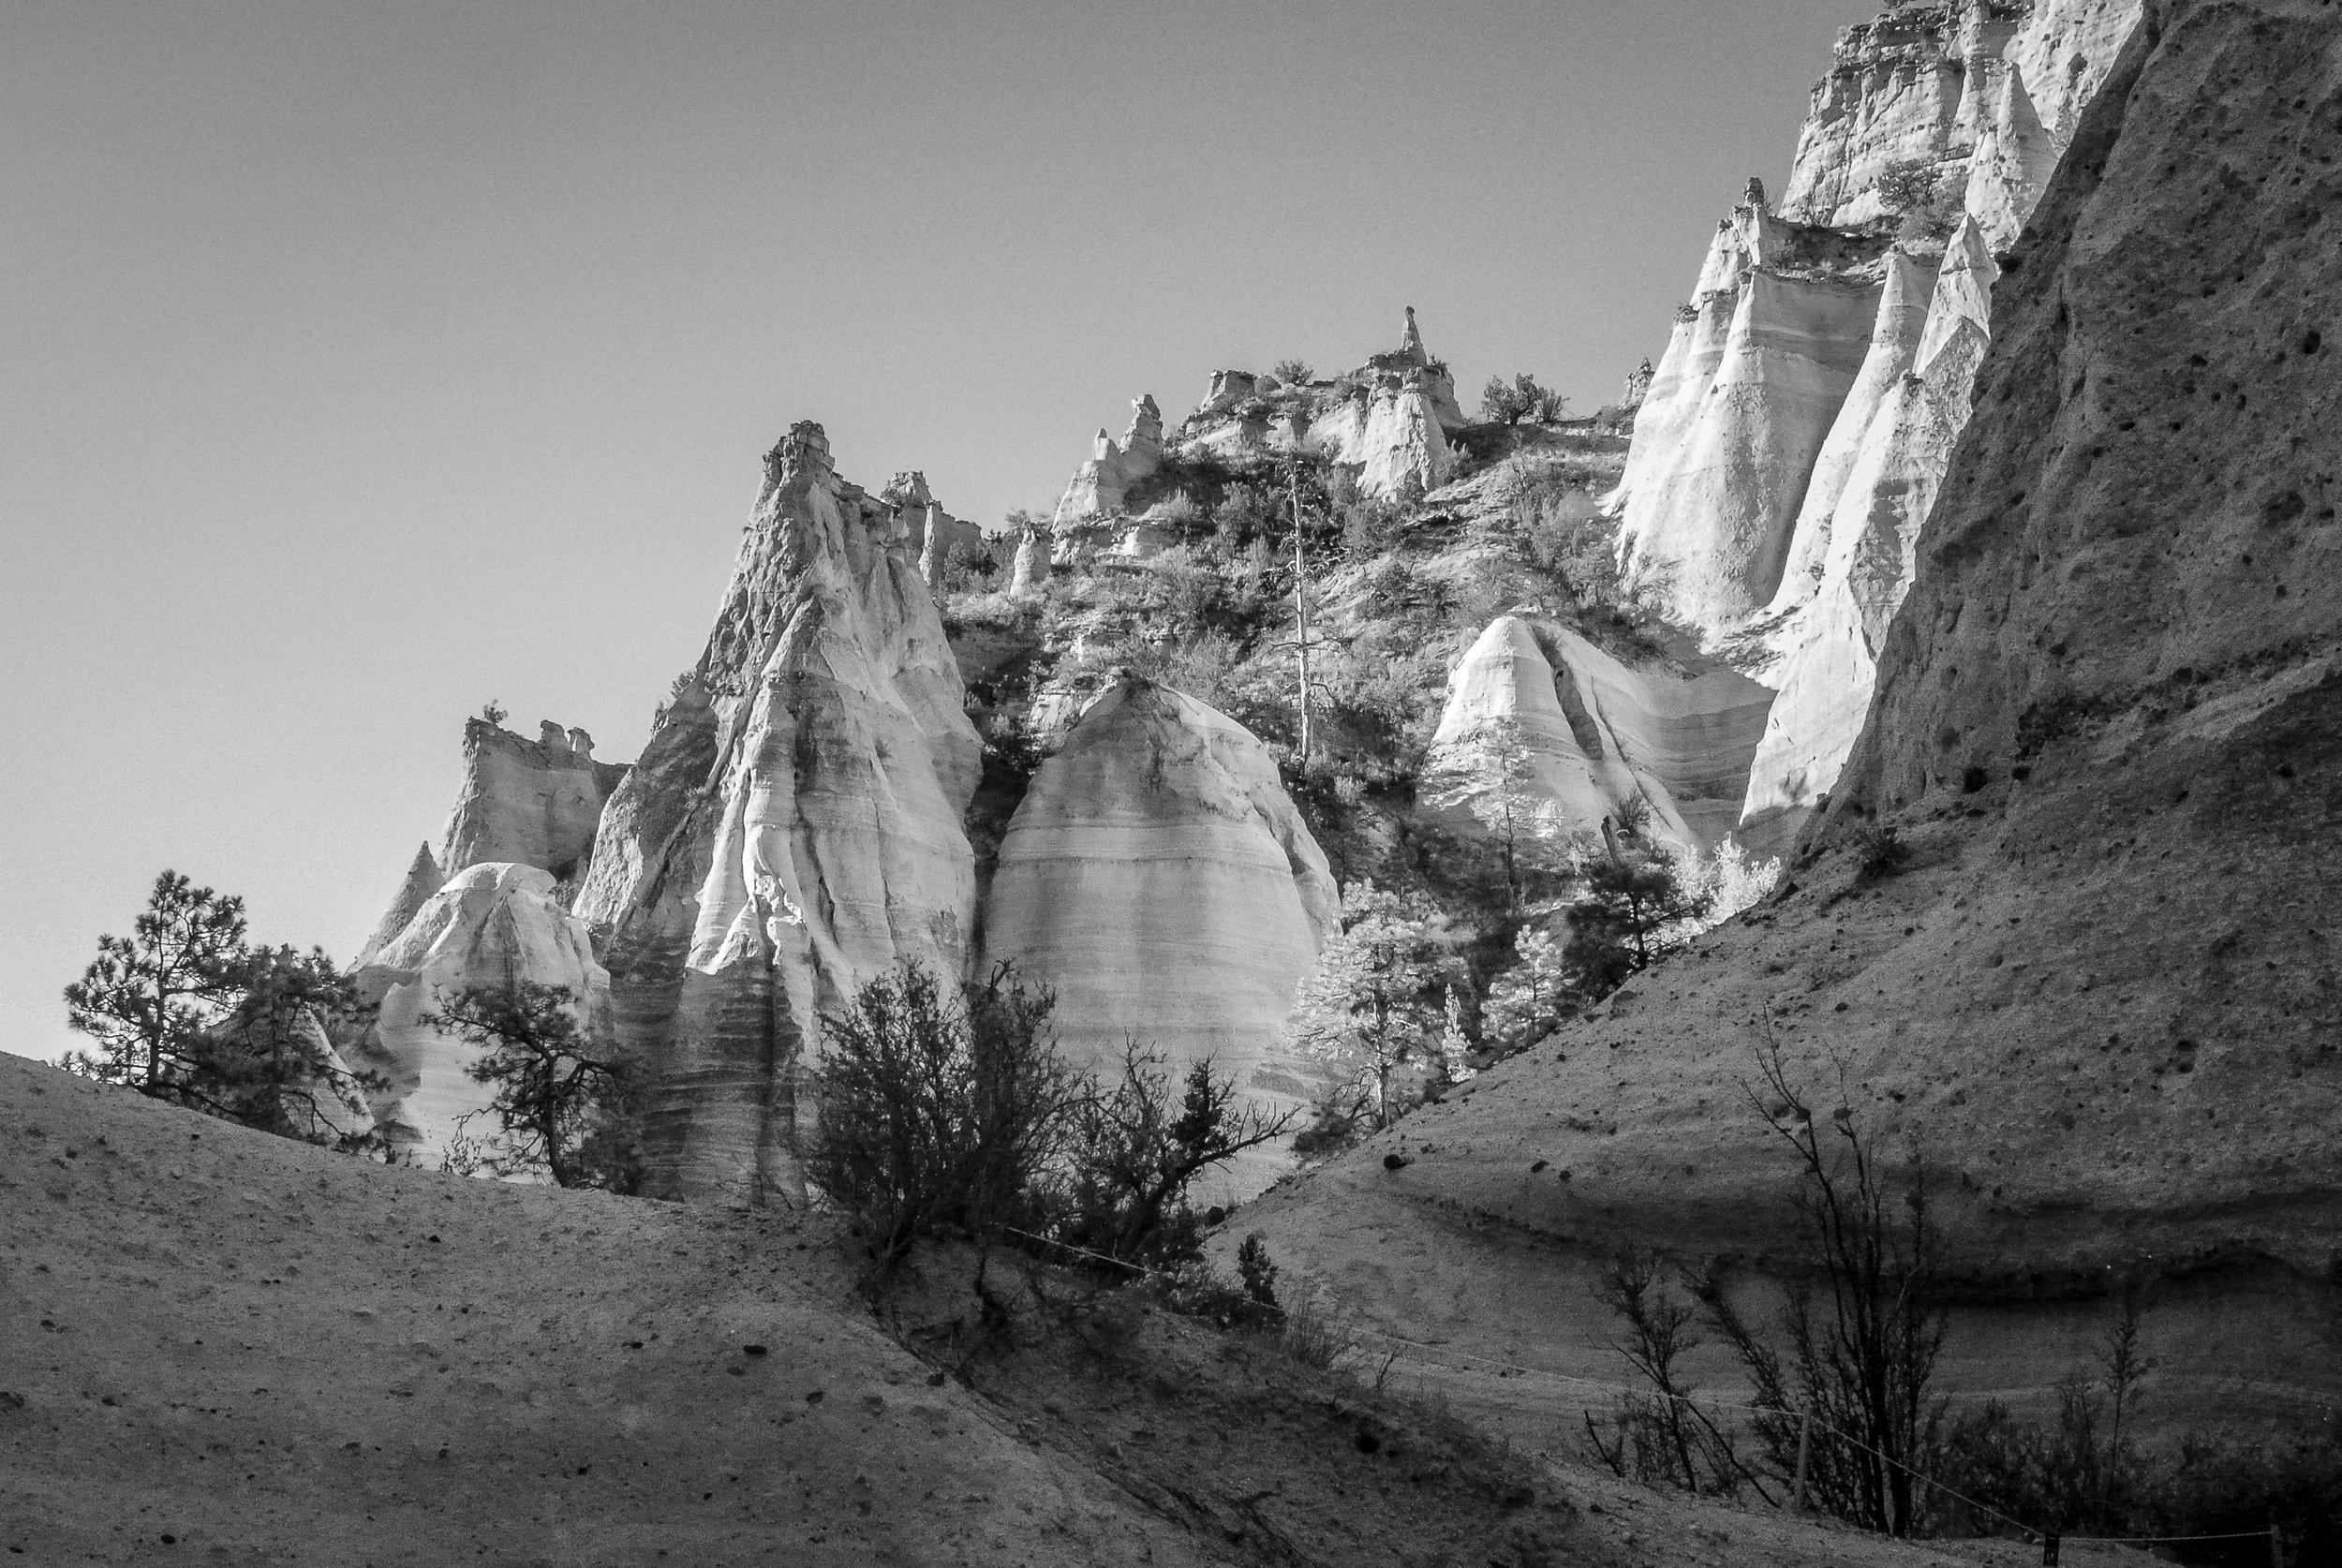 Kasha-Katuwe Tent Rocks National Monument, New Mexico, 2018